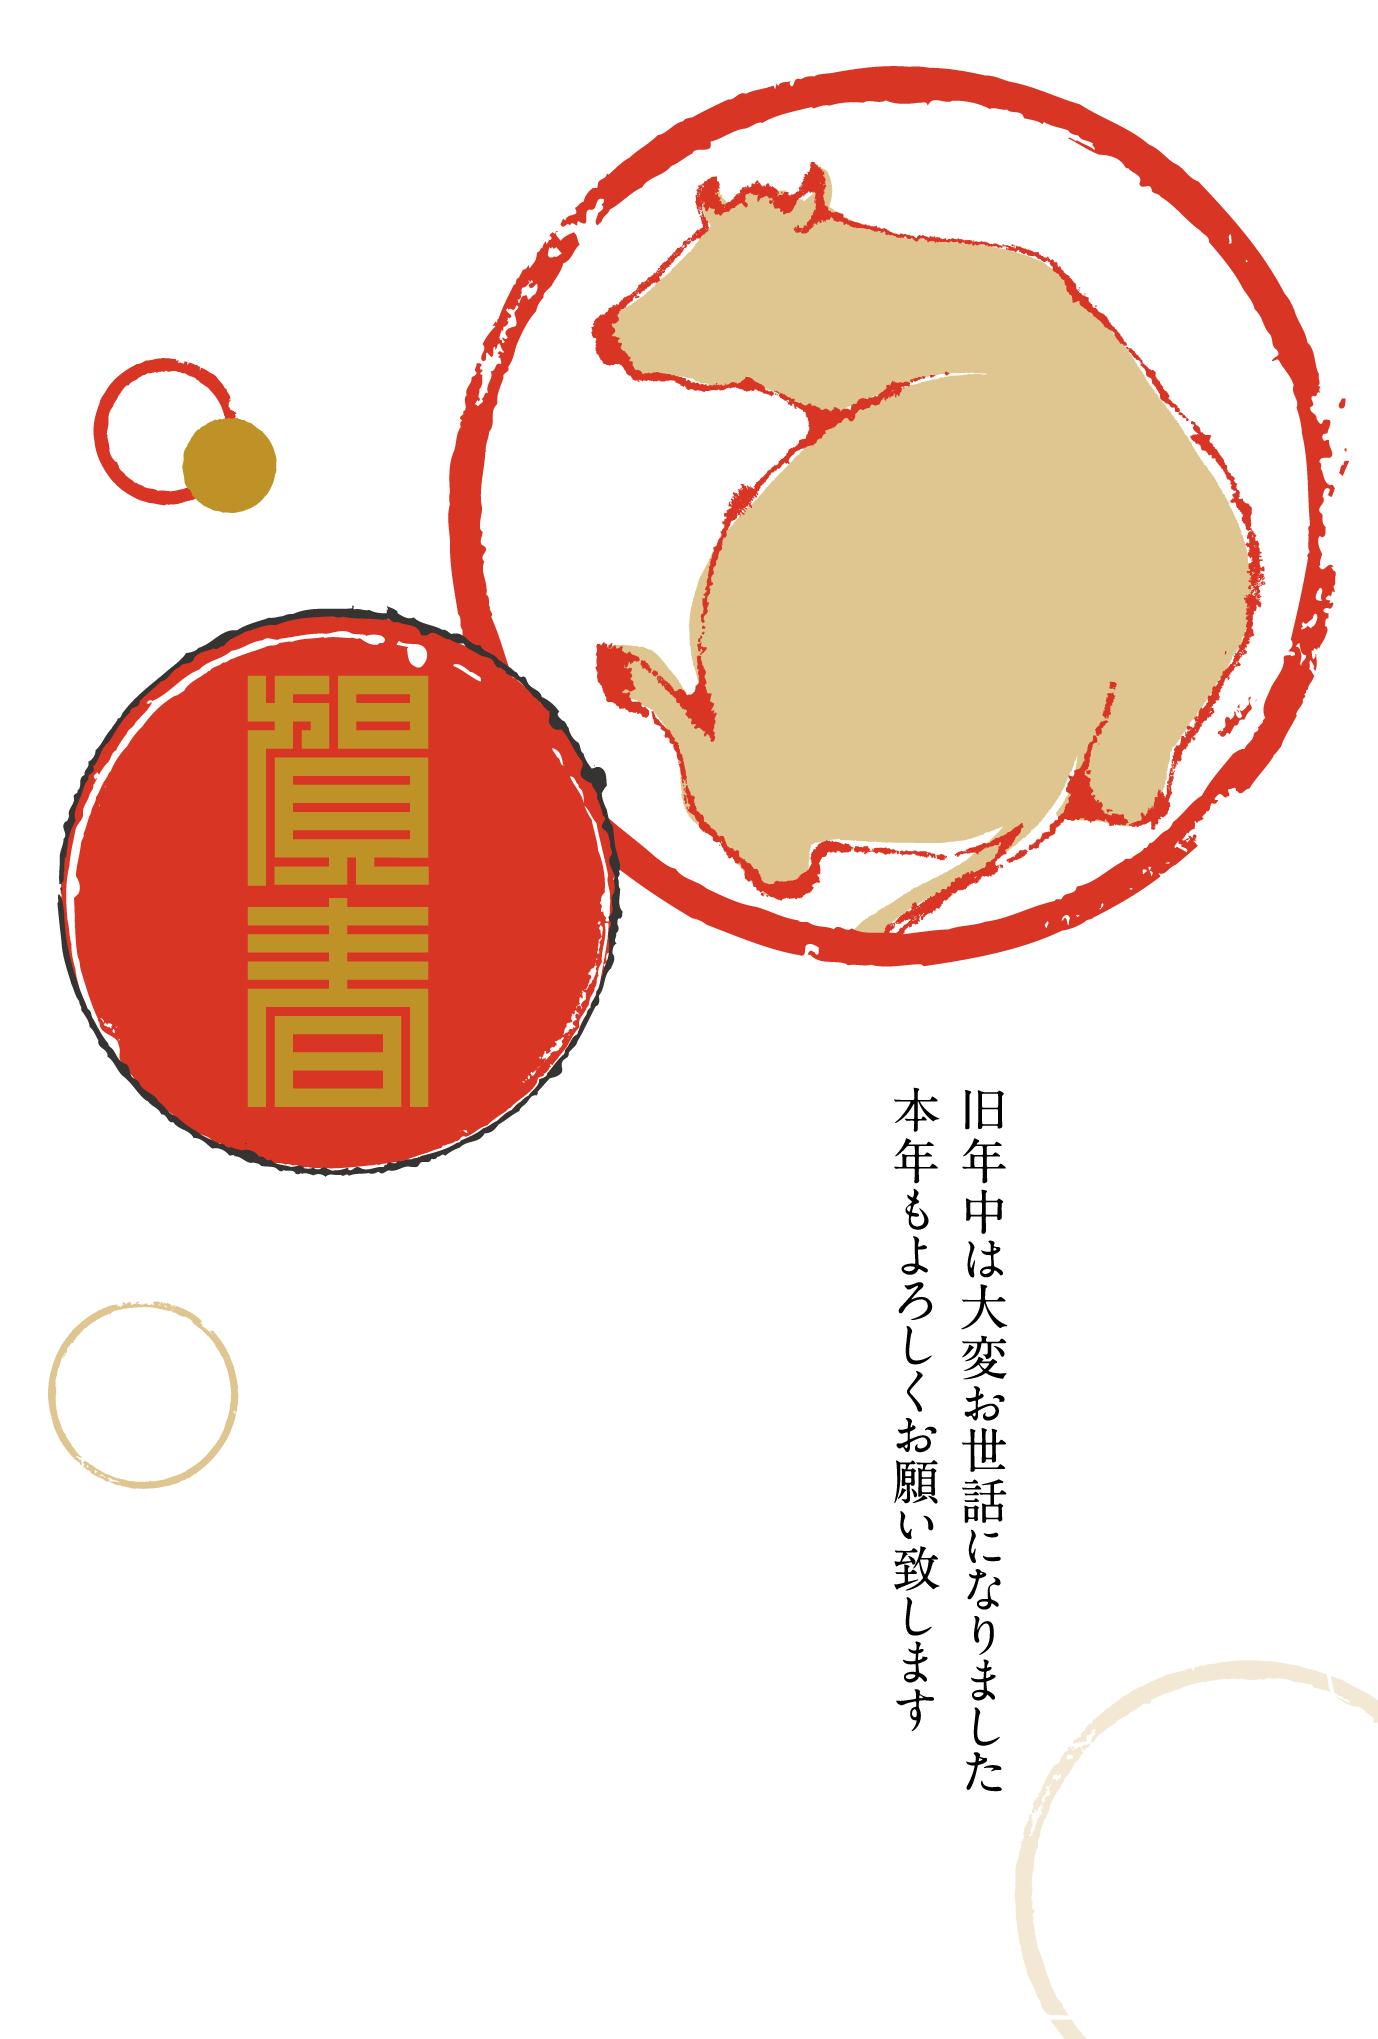 2009年賀状18:賀春黄牛のダウンロード画像